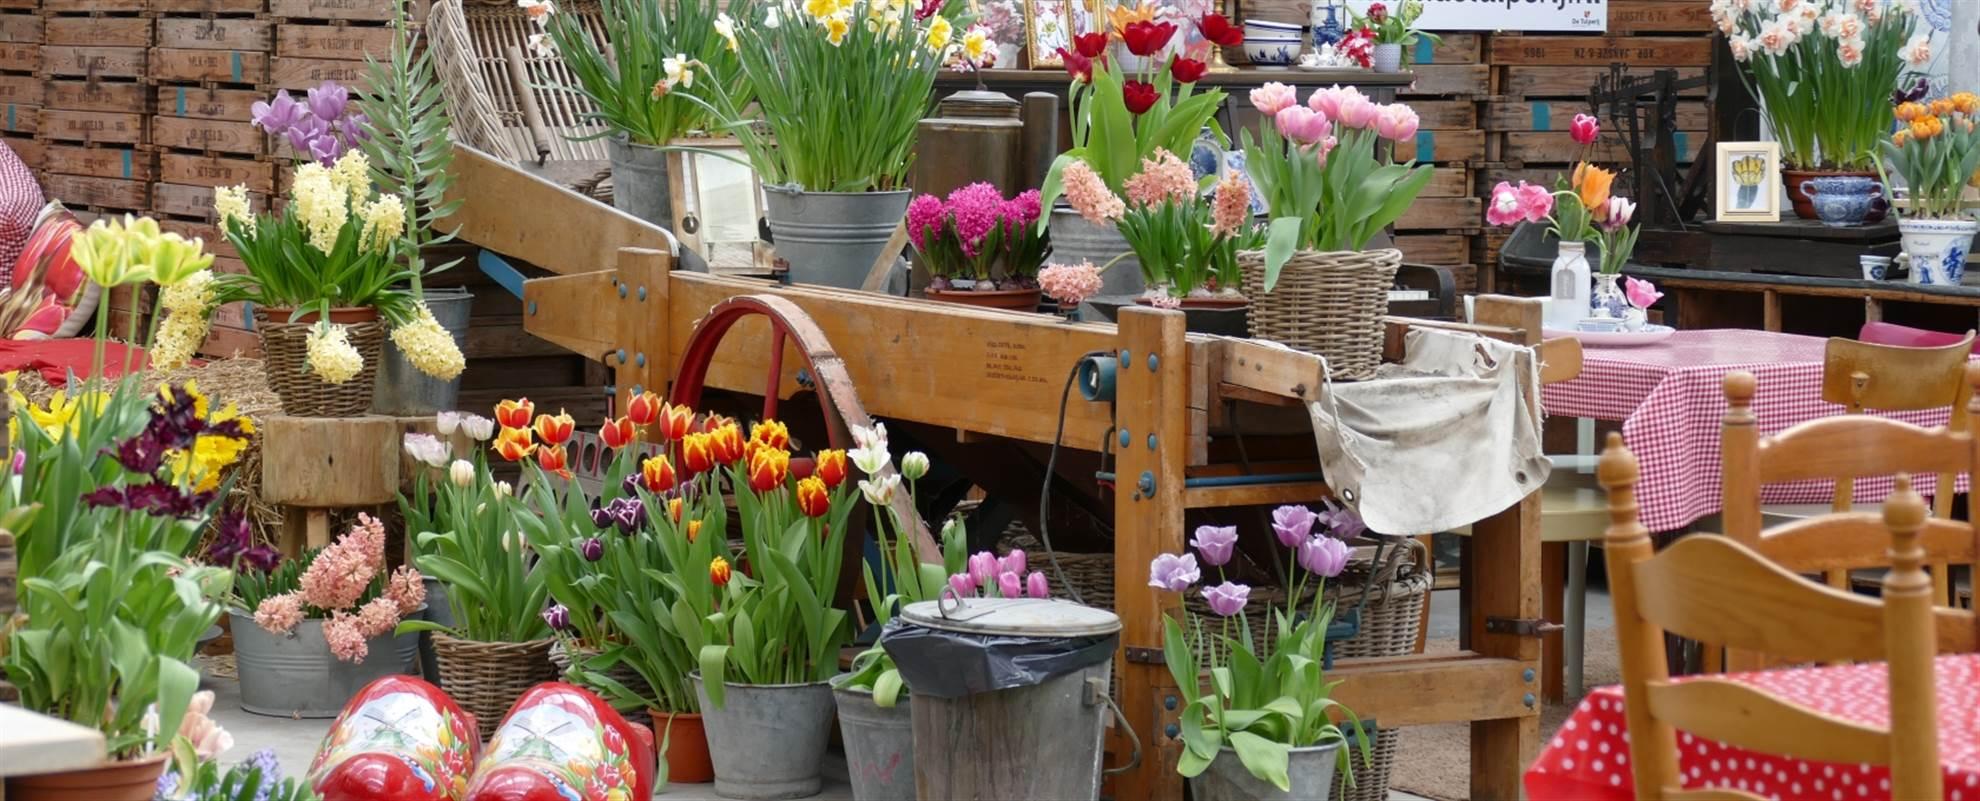 De Keukenhof en de bloemenvelden inclusief een bezoek aan de bollenboerderij ( Boekbar)